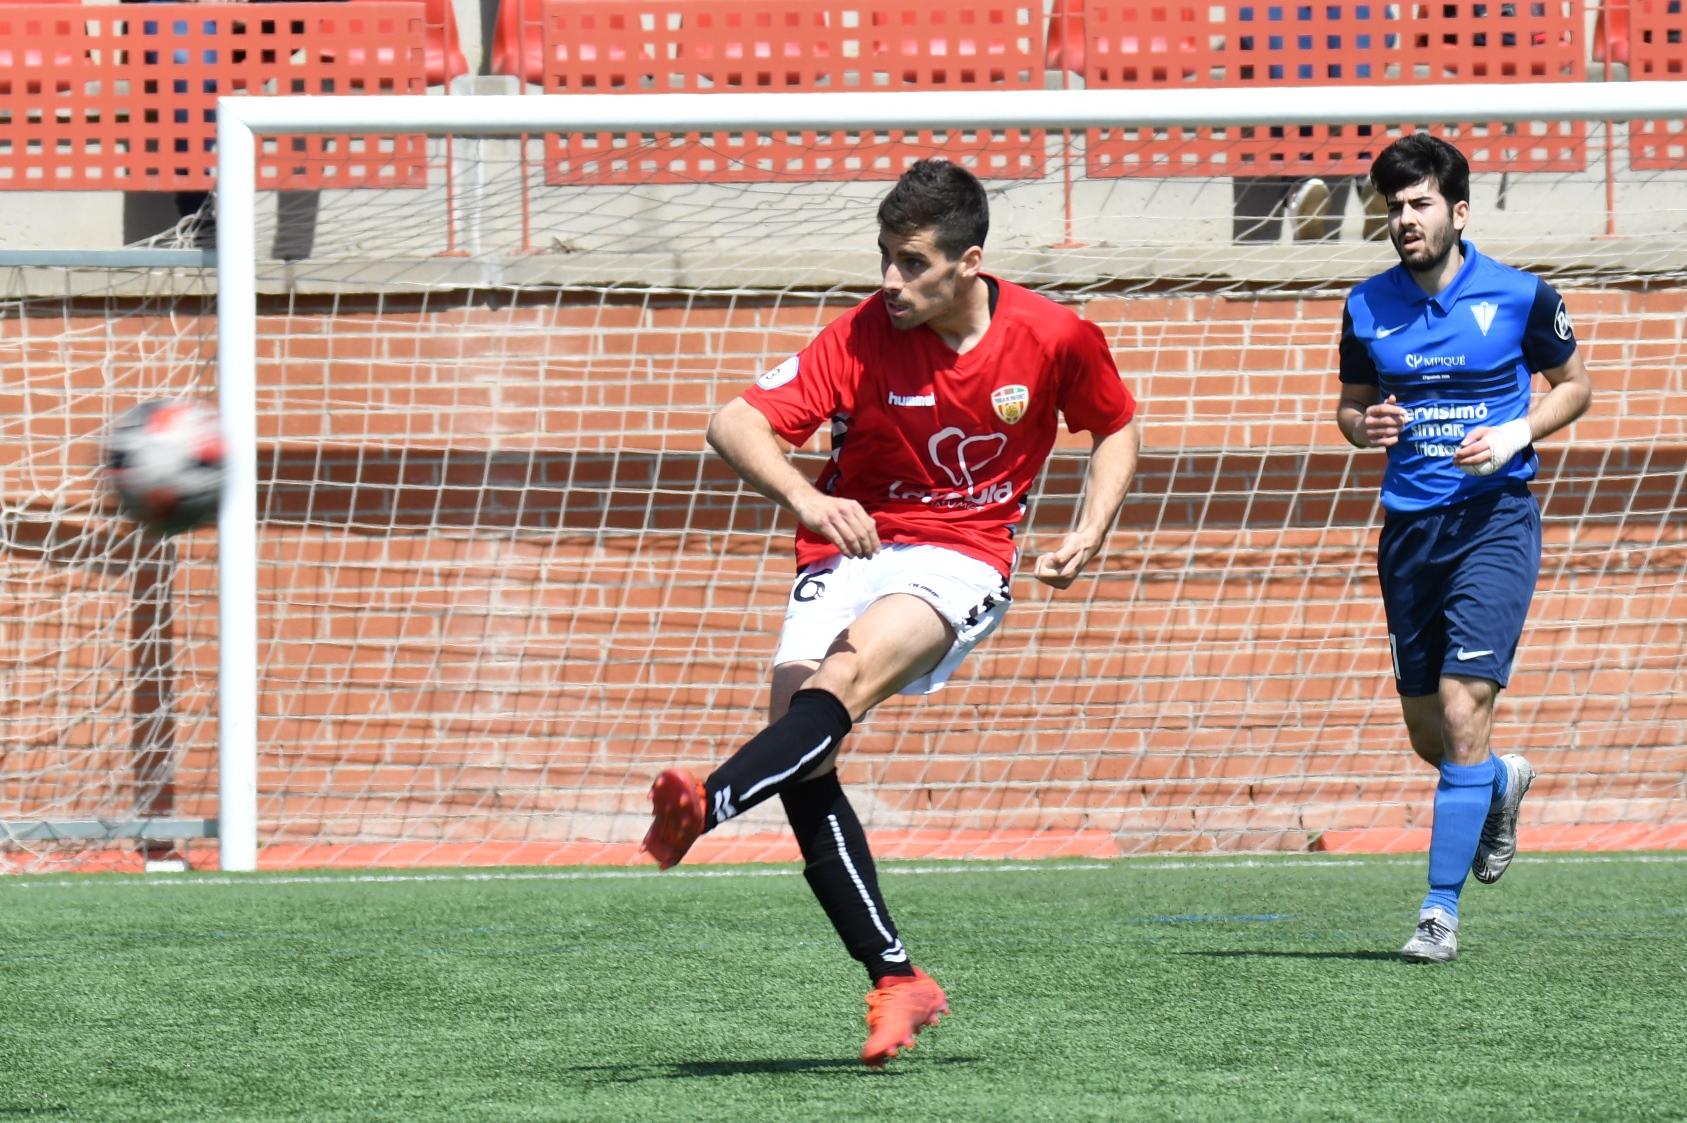 El CF Pobla de Mafumet guanya 4 - 1 al CF Igualada